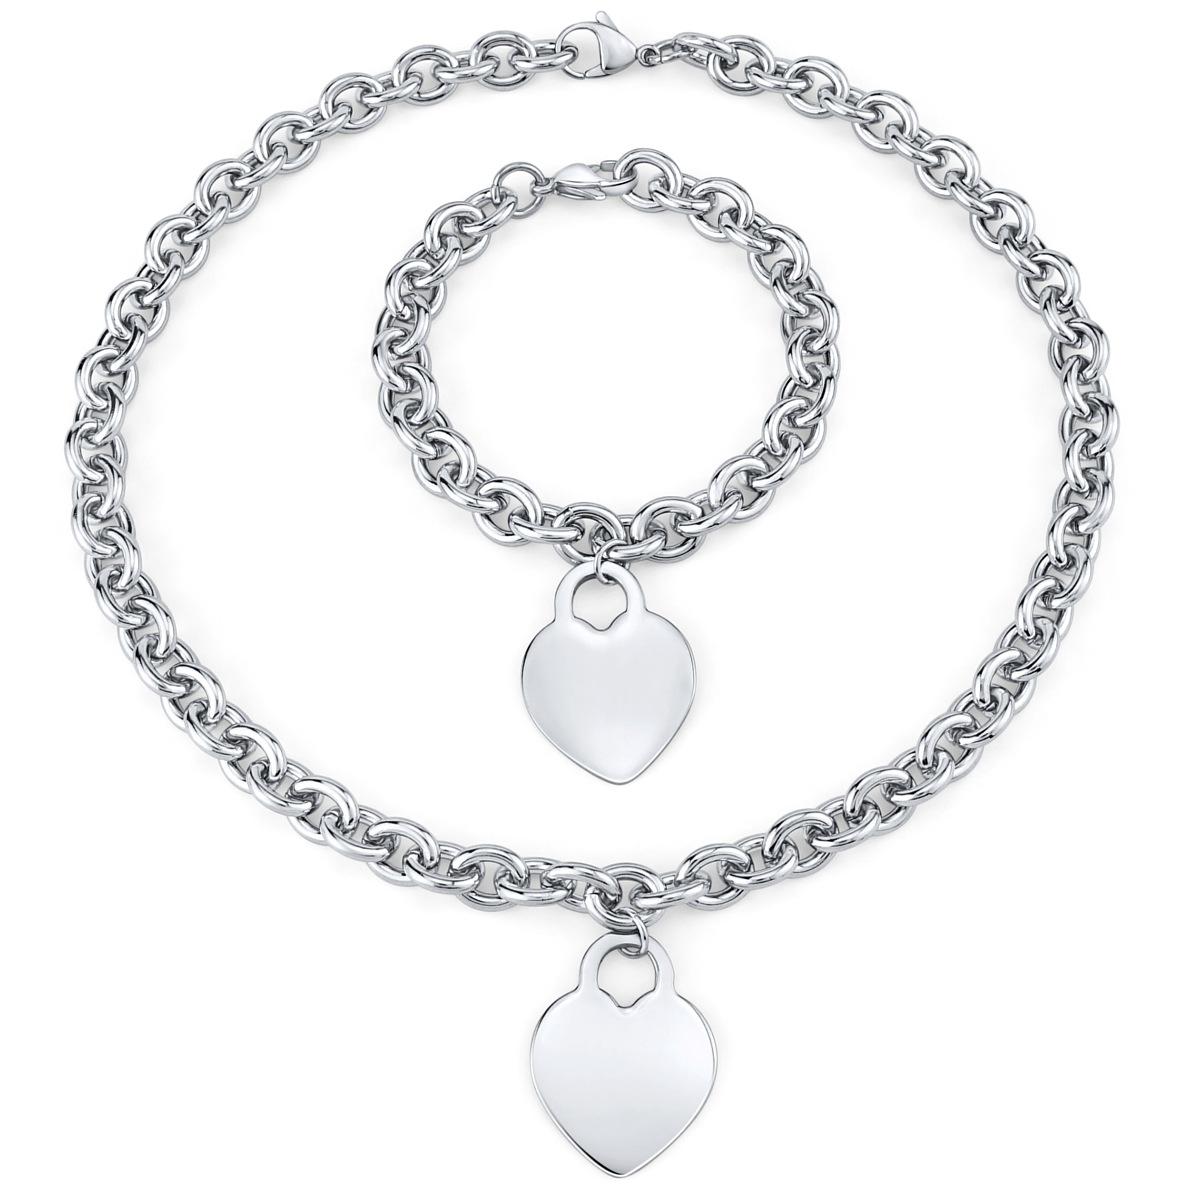 1fad86a0b Set šperků pro ženy z chirurgické oceli náhrdelník a náramek s přívěskem  srdce - zvětšit obrázek